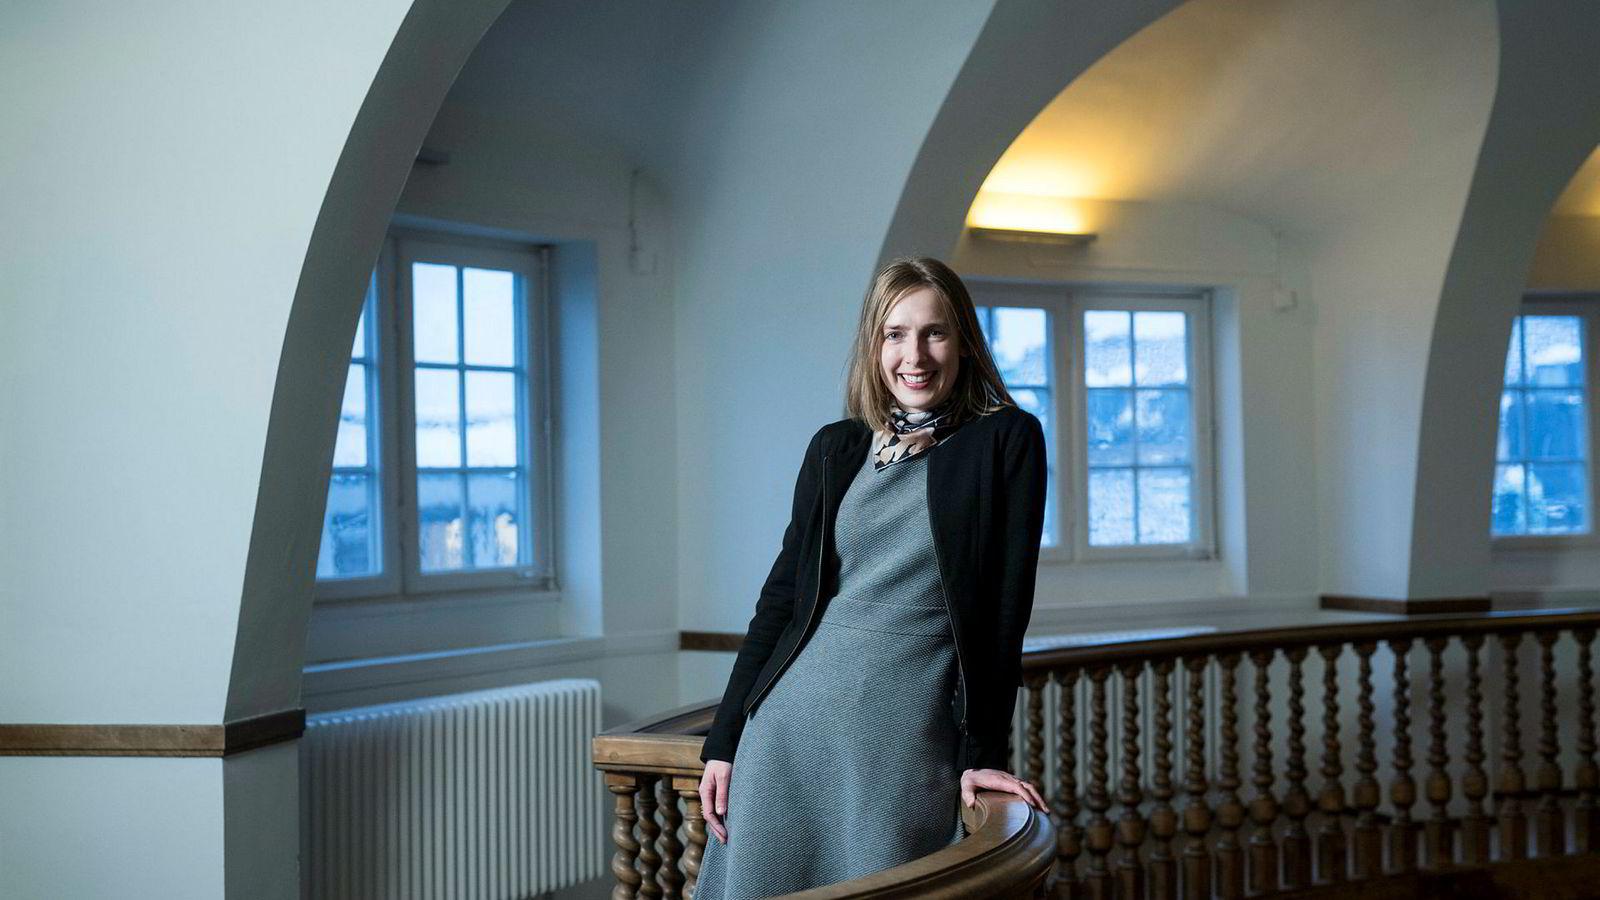 Forsknings- og høyere utdanningsminister Iselin Nybø er fornøyd med at Norge er med på utviklingen av superdatamaskinen.